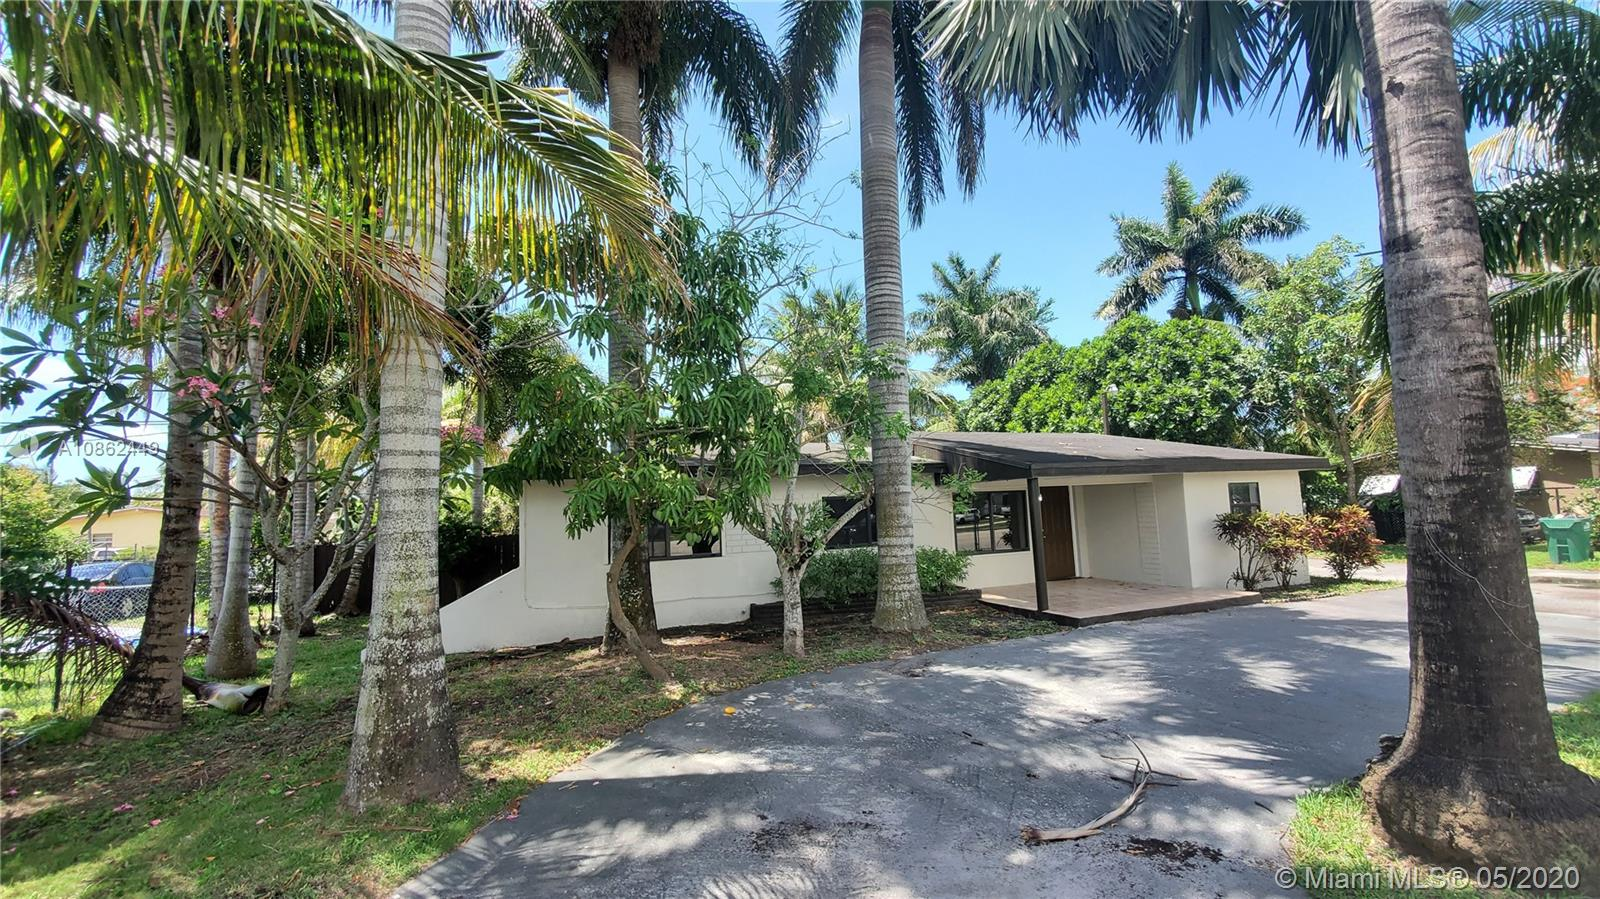 Naranja Pk Rev Real Estate Listings Main Image